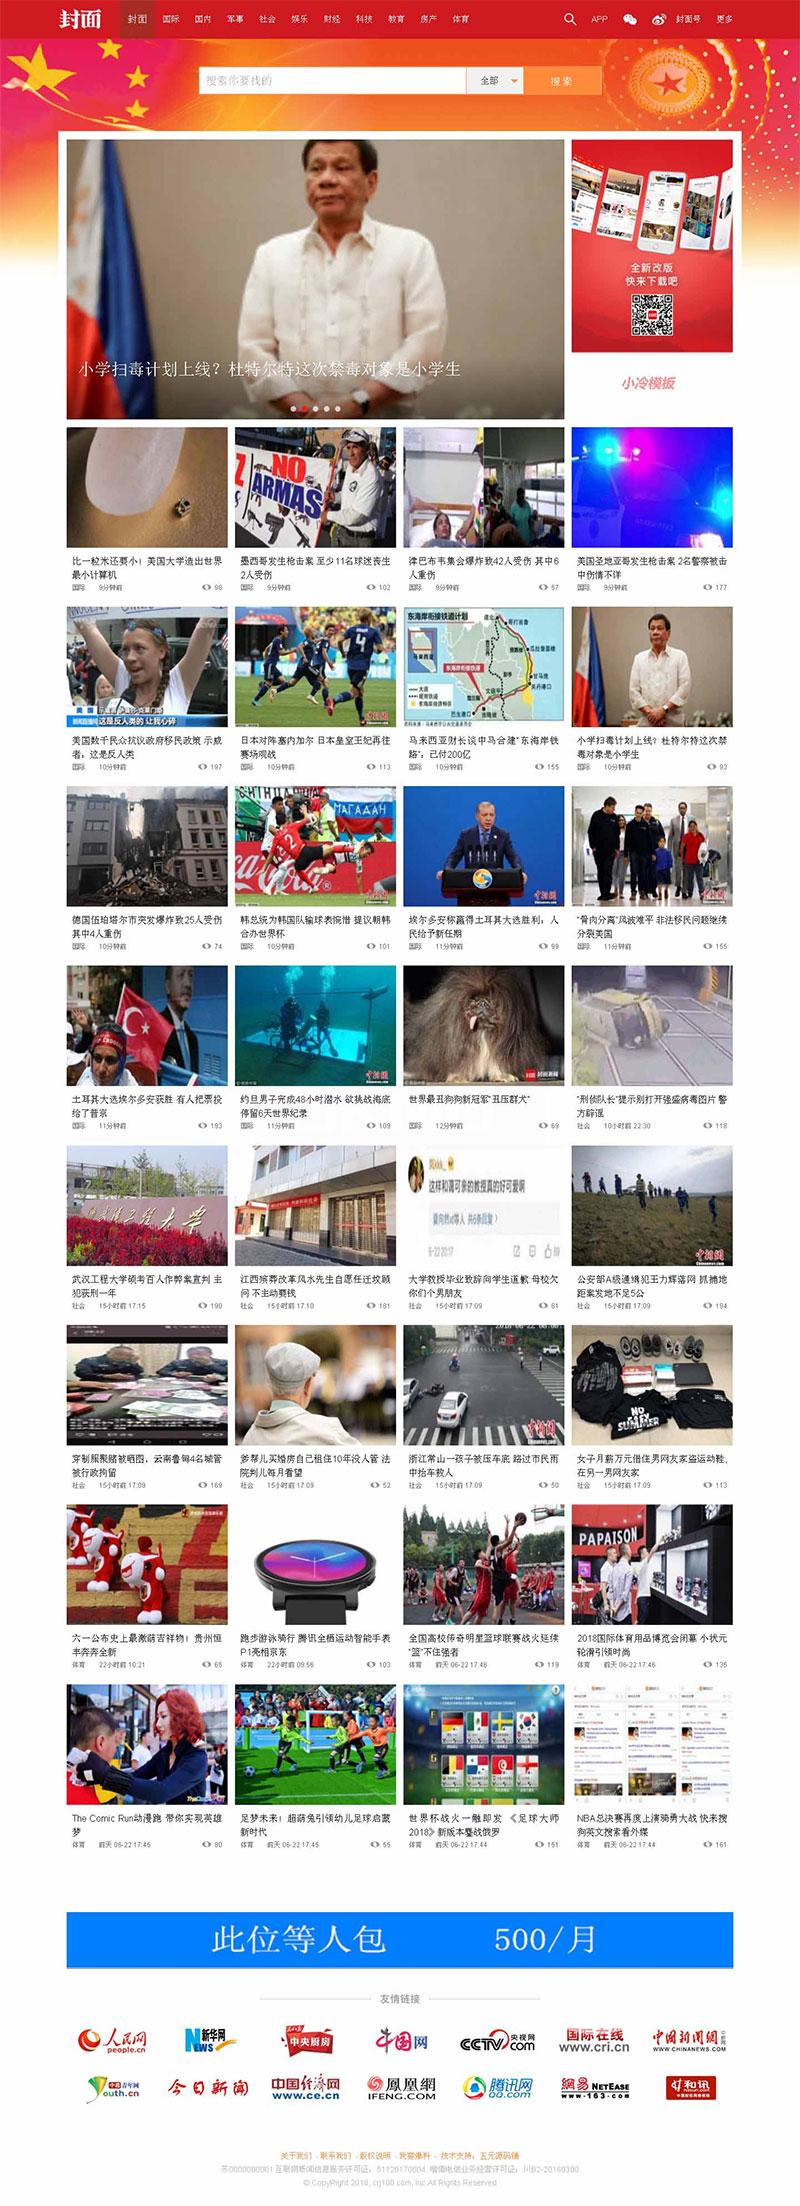 织梦dedecms仿封面新闻网网站模板(带手机移动端)